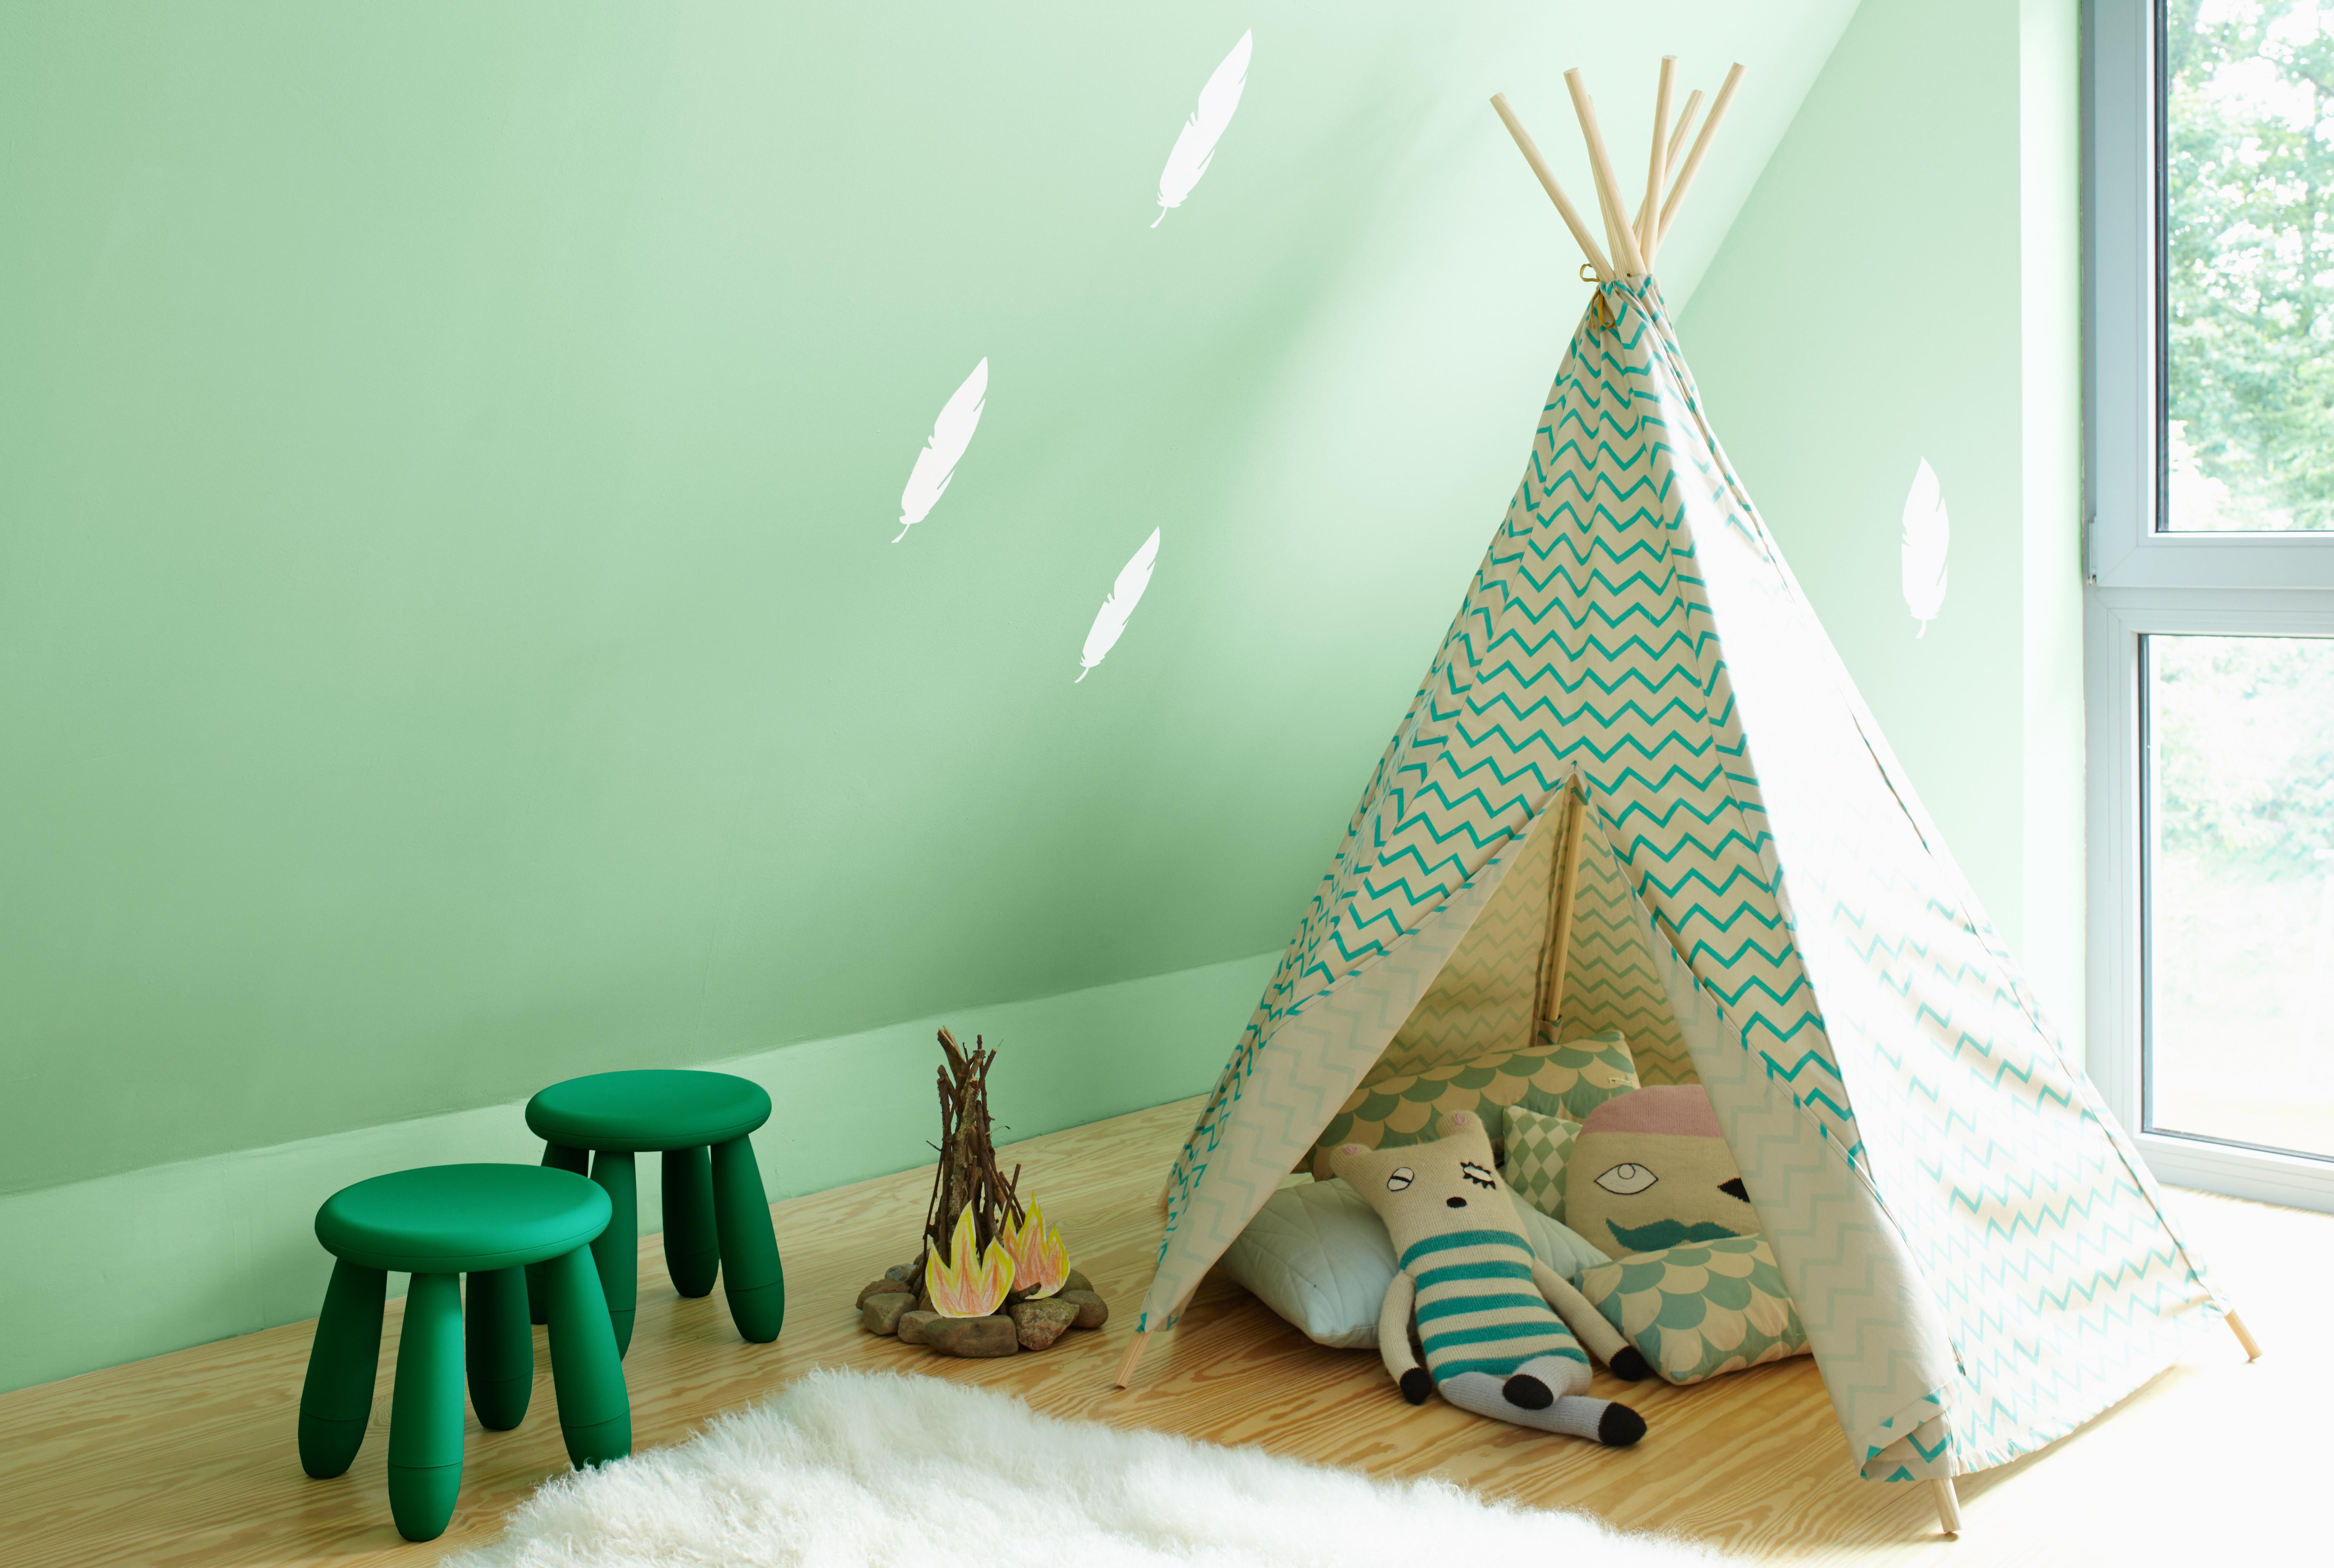 Ideen Dekoration & Gestaltung im Kinderzimmer: Alpina Familie & Farbe